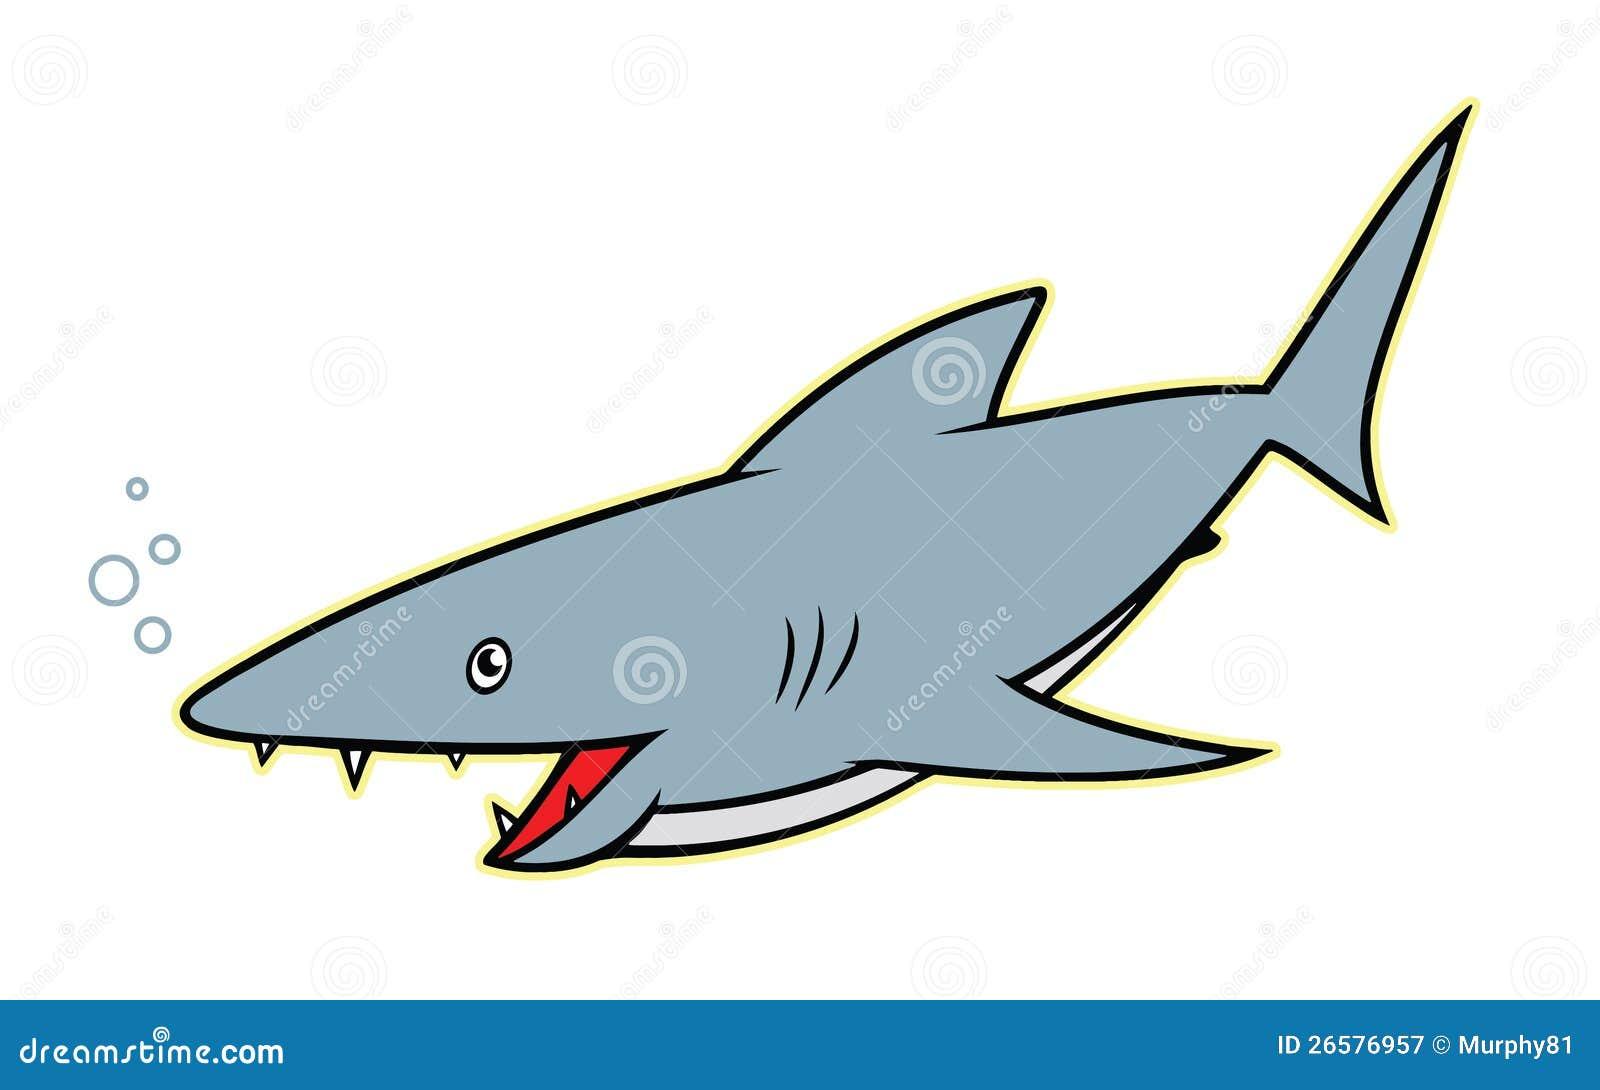 Shark Cartoon Character Royalty Free Stock Photography